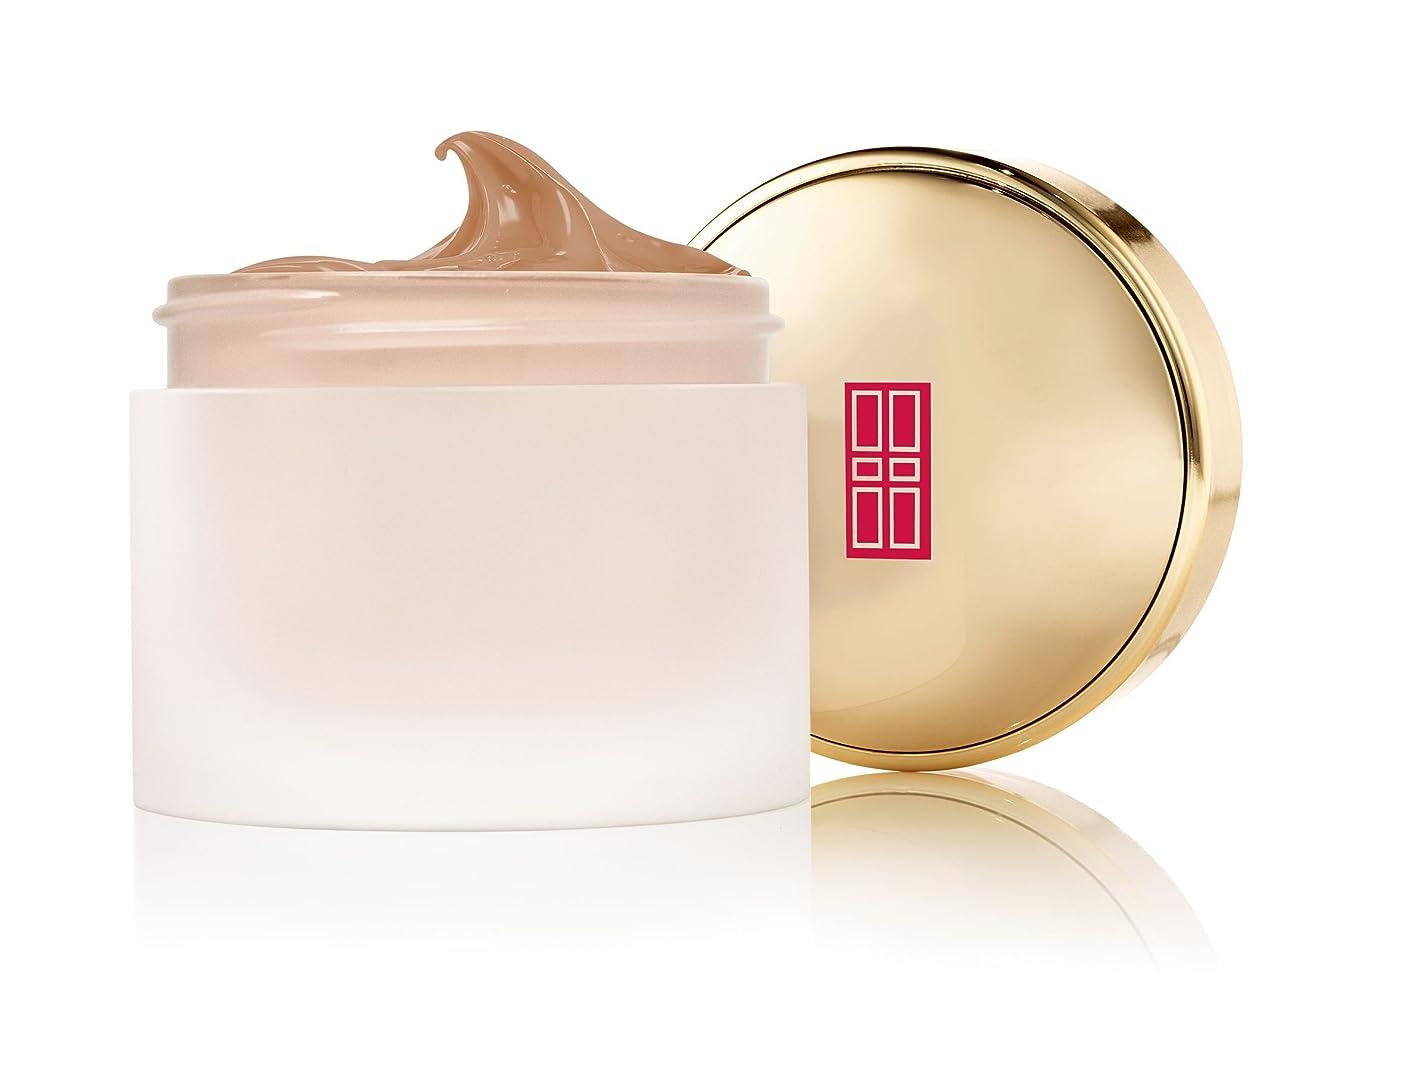 サーキットに行く子アデレードエリザベスアーデン Ceramide Ultra Lift And Firm Makeup SPF 15 - Toasty Beige 30ml/1oz並行輸入品